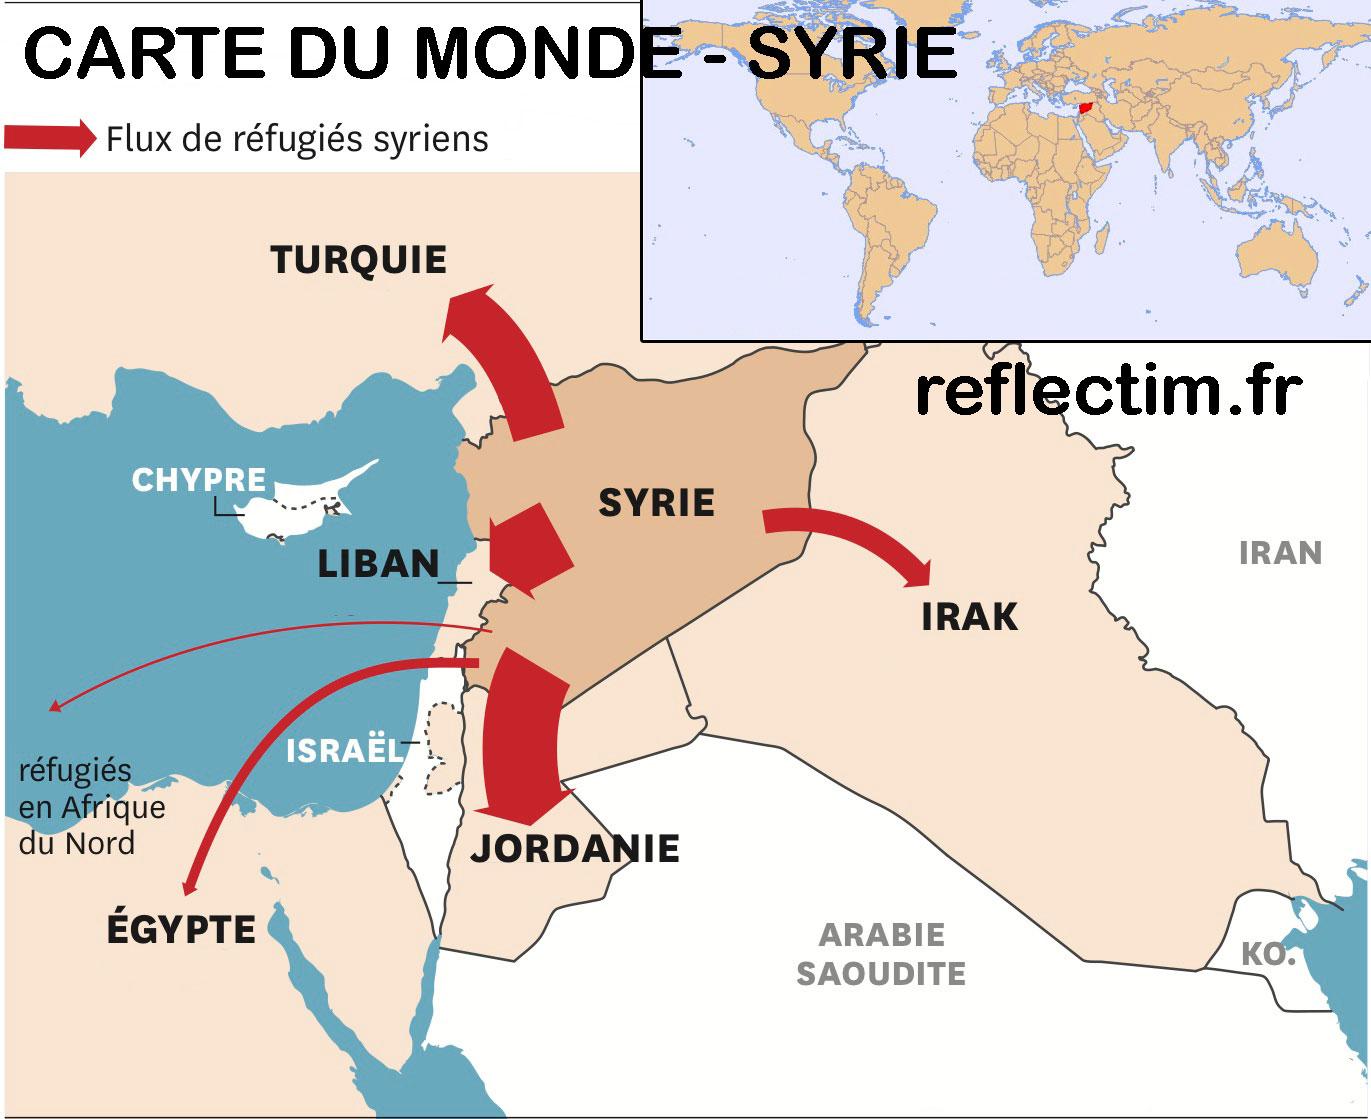 Carte du monde - Syrie